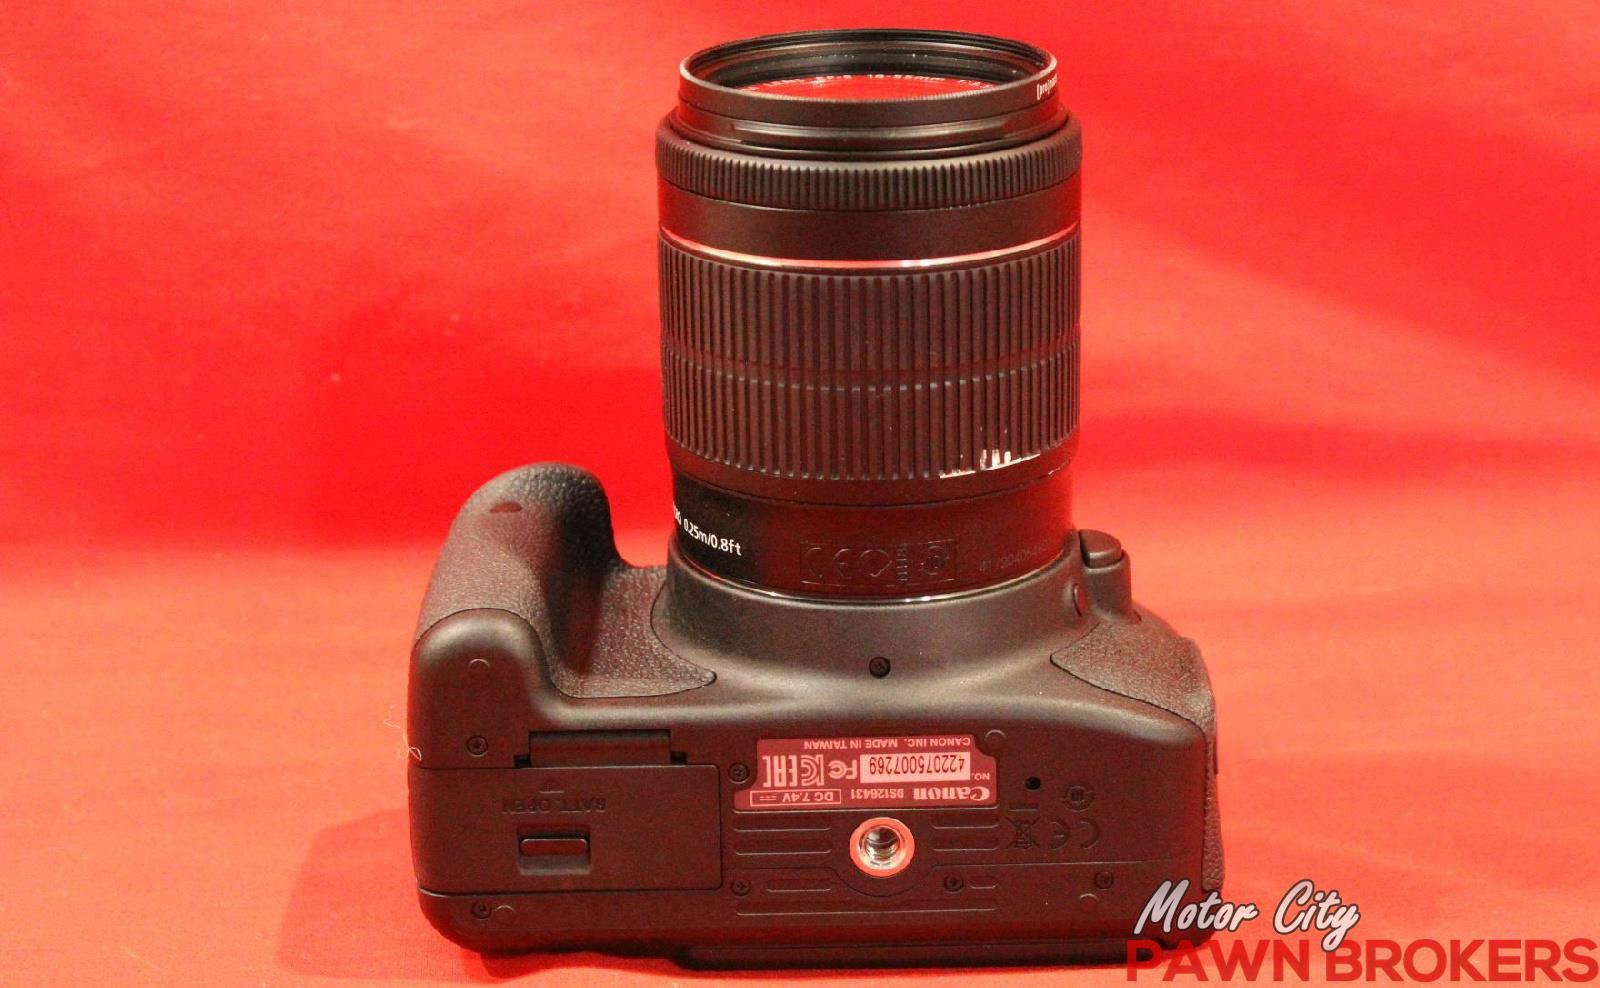 Canon DS126431 EOS Rebel Ti5 18MP 1855mm Digital SLR Camera